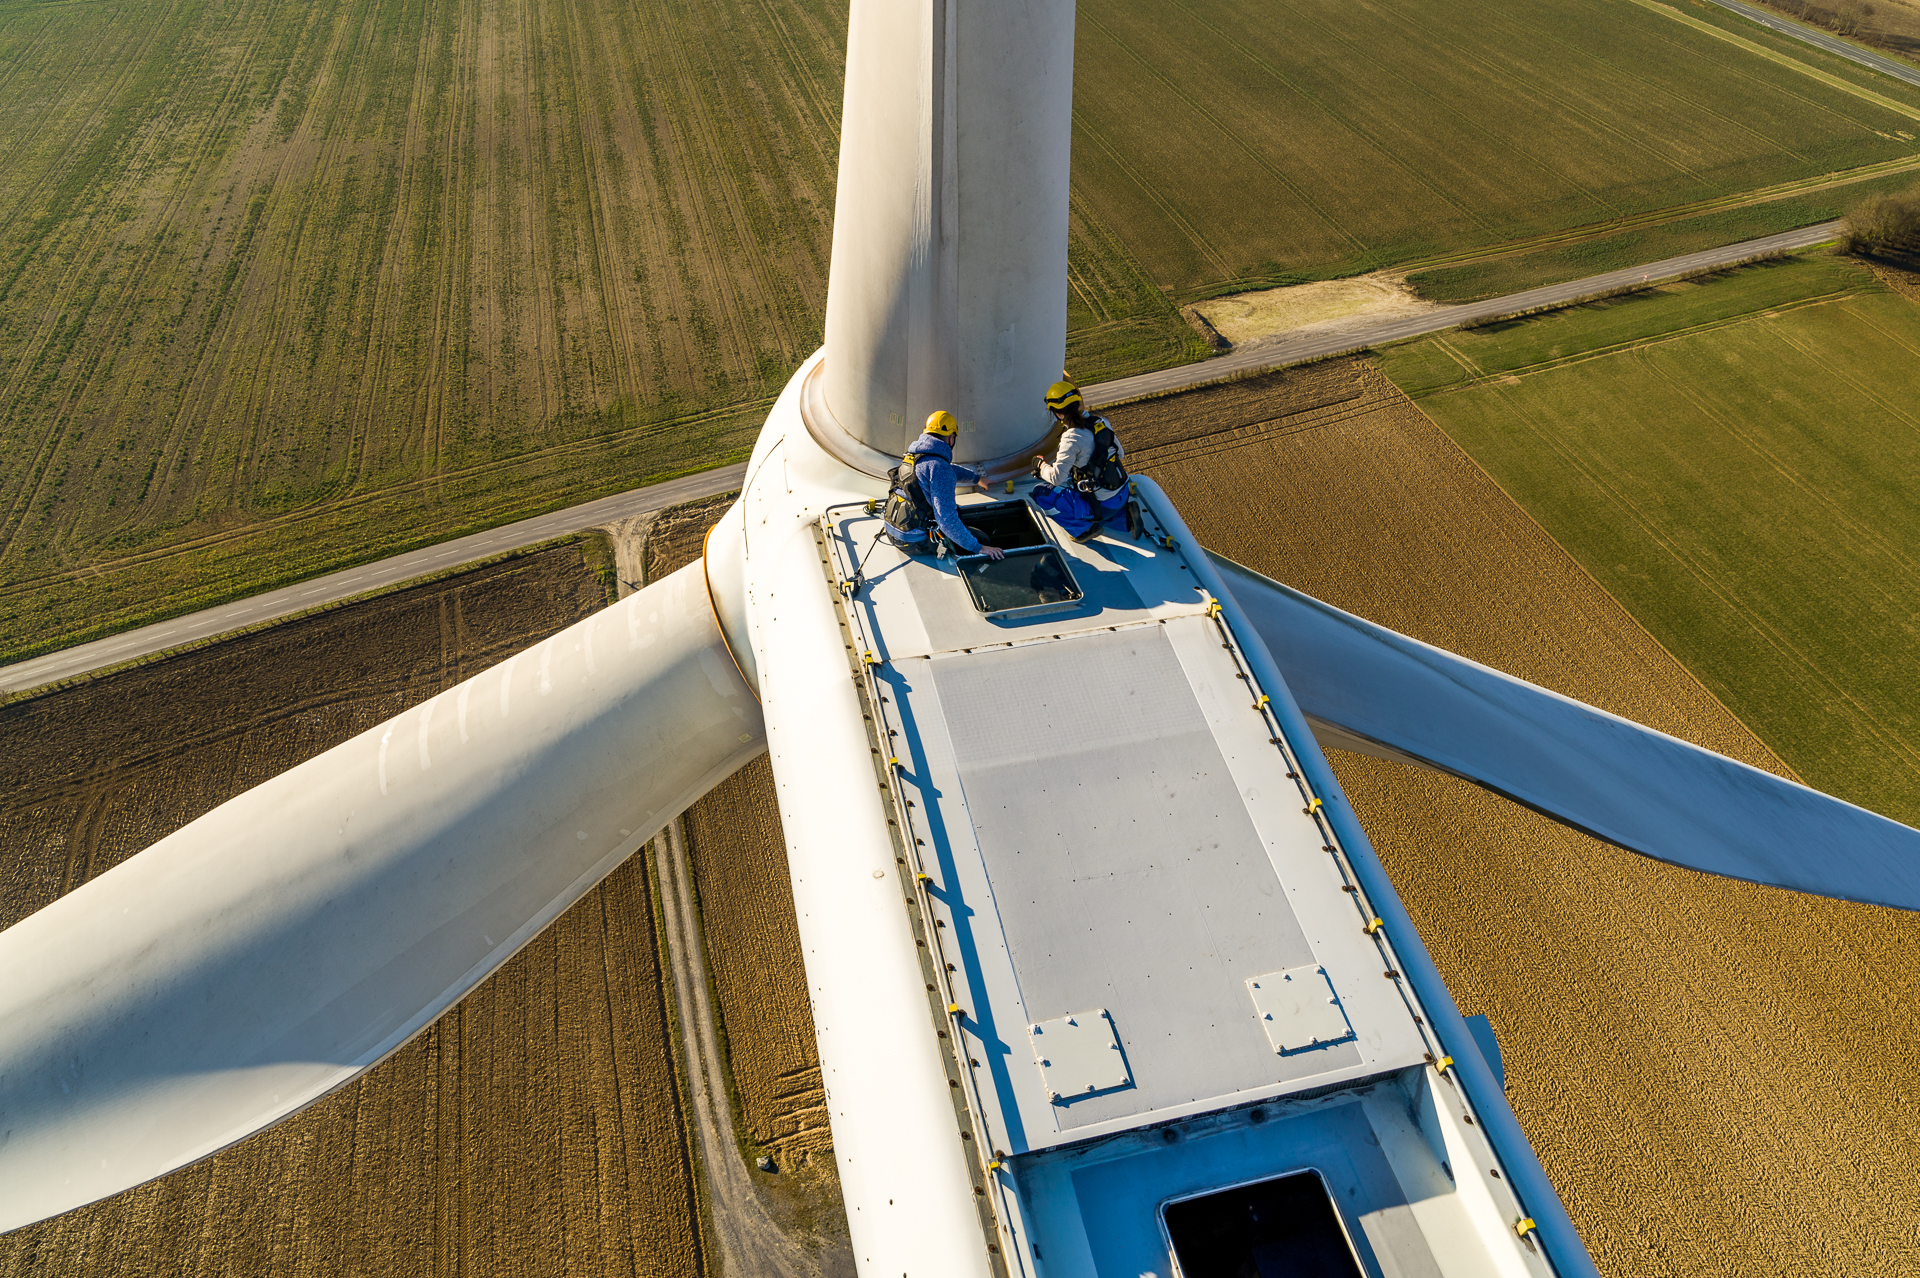 Kallista_Energy_Picardie_Omissy-0670©Stephane_Leroy.jpg